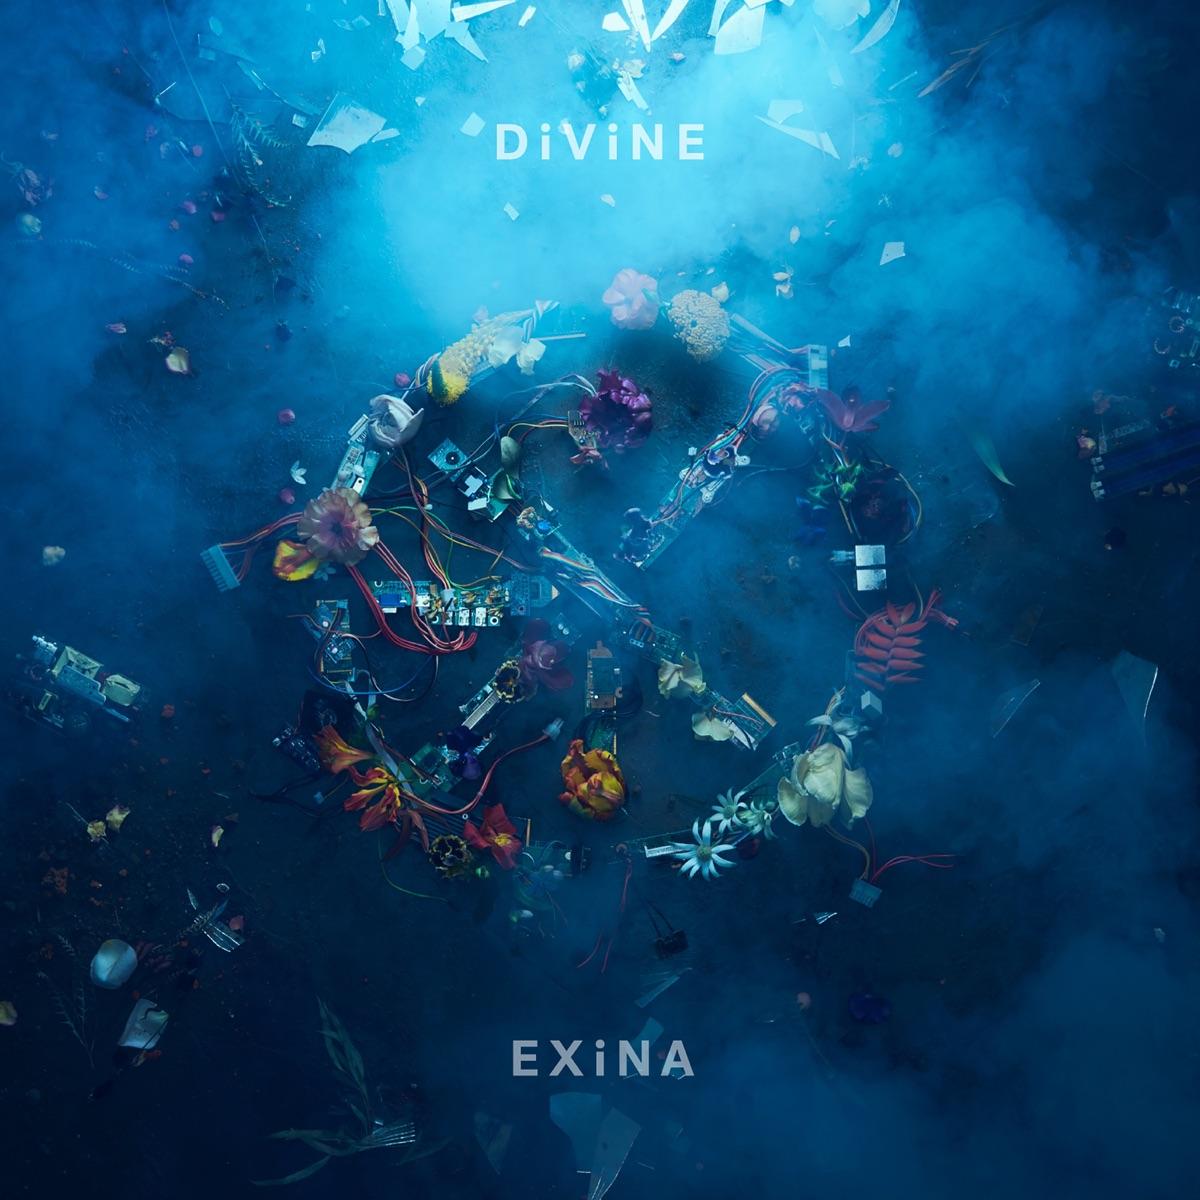 『EXiNA - ERiCA feat. majiko』収録の『DiViNE』ジャケット